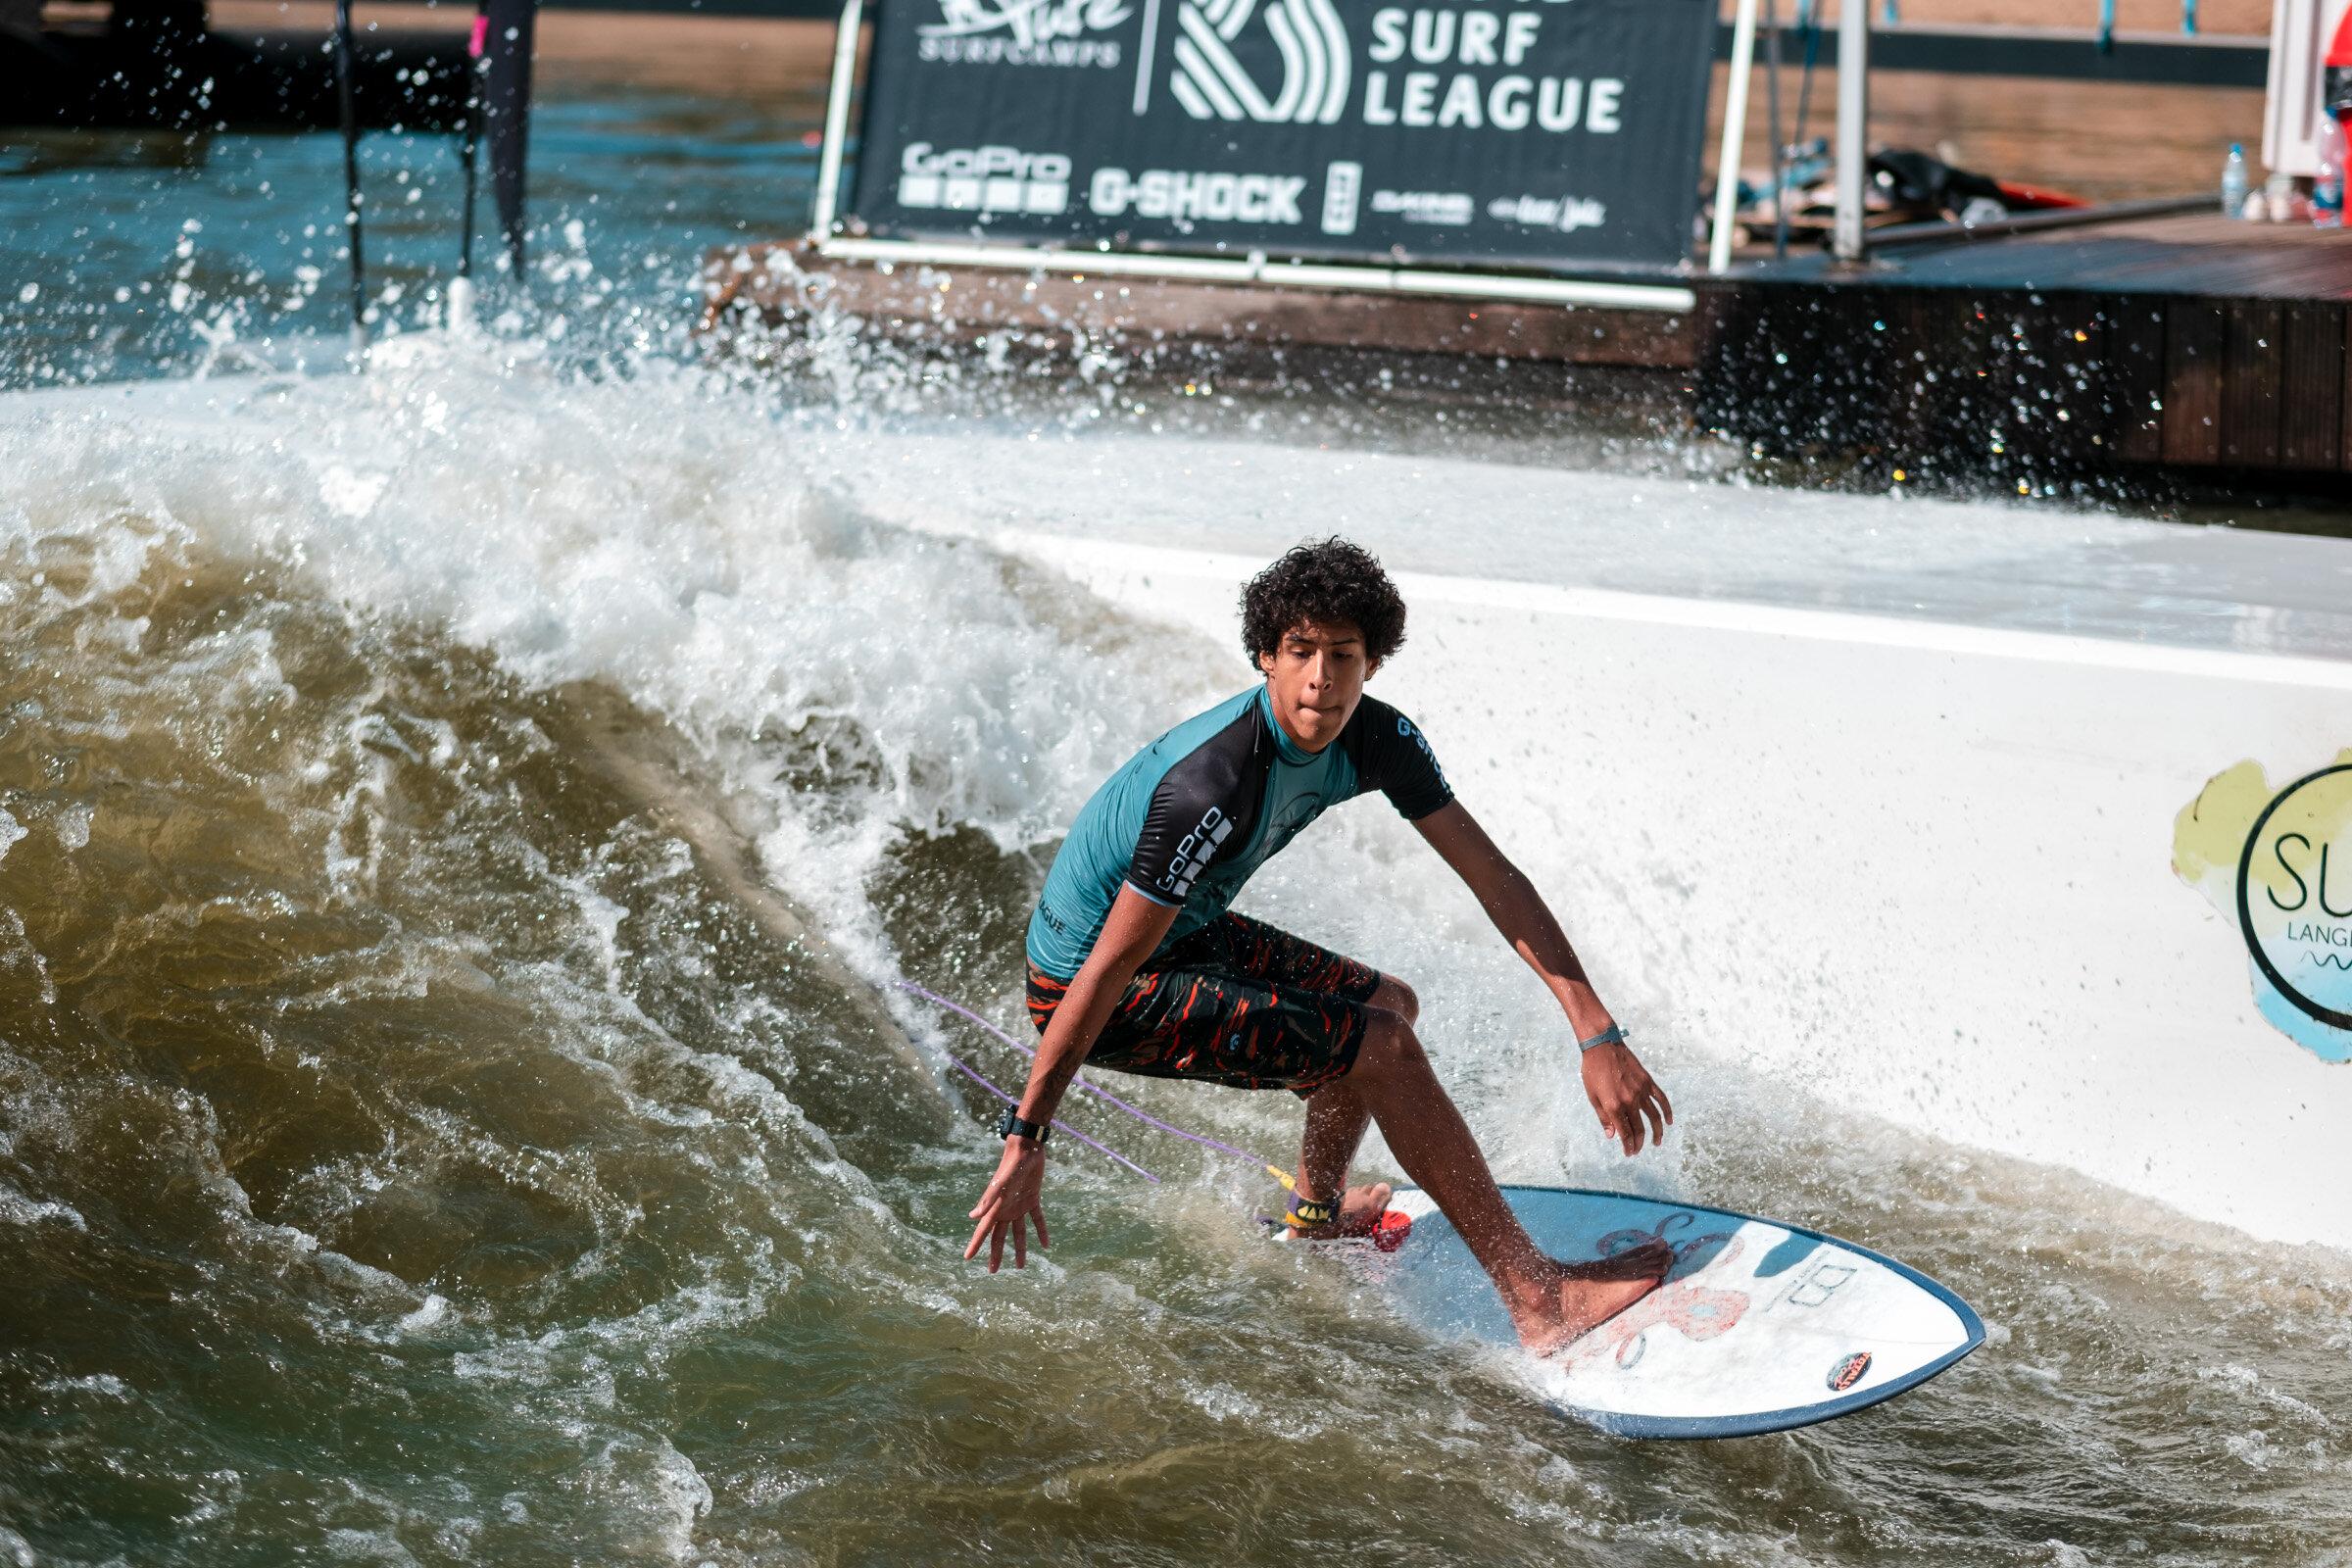 rapid-surf-contest-derKristof-88.jpg